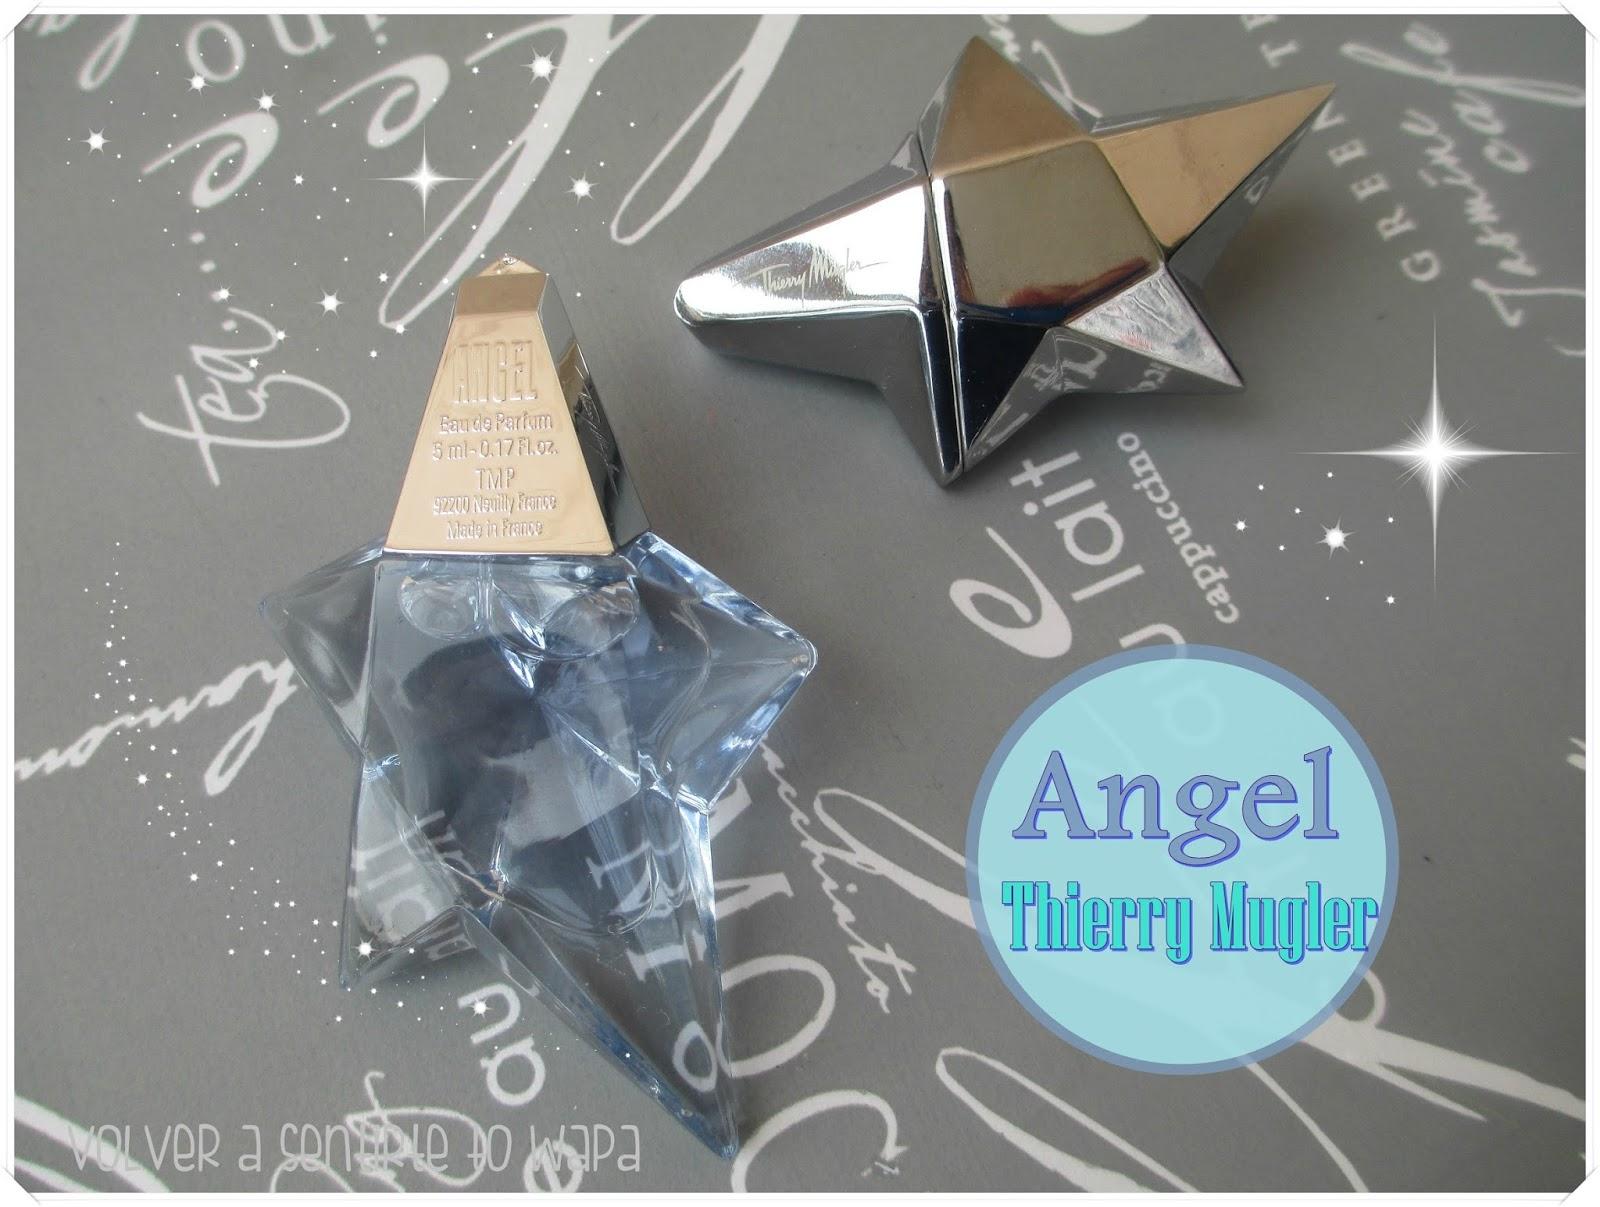 ANGEL de Thierry Mugler - Volver a Sentirte to Wapa